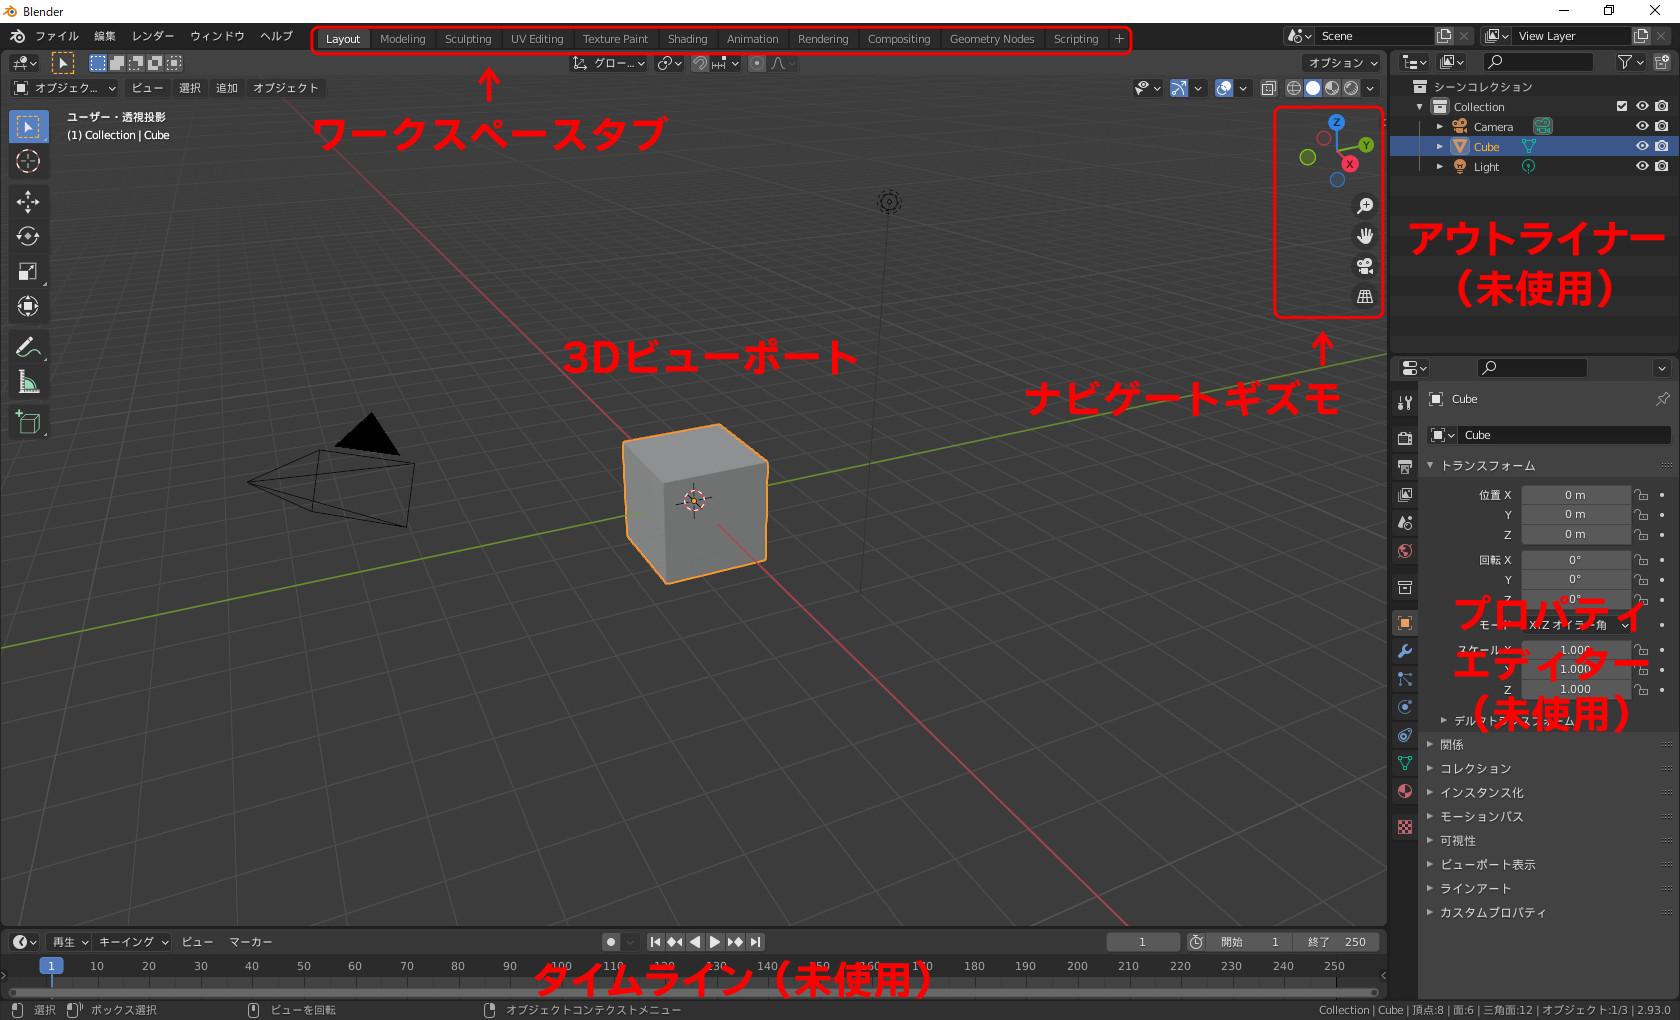 Blenderの初期スクリーンレイアウト